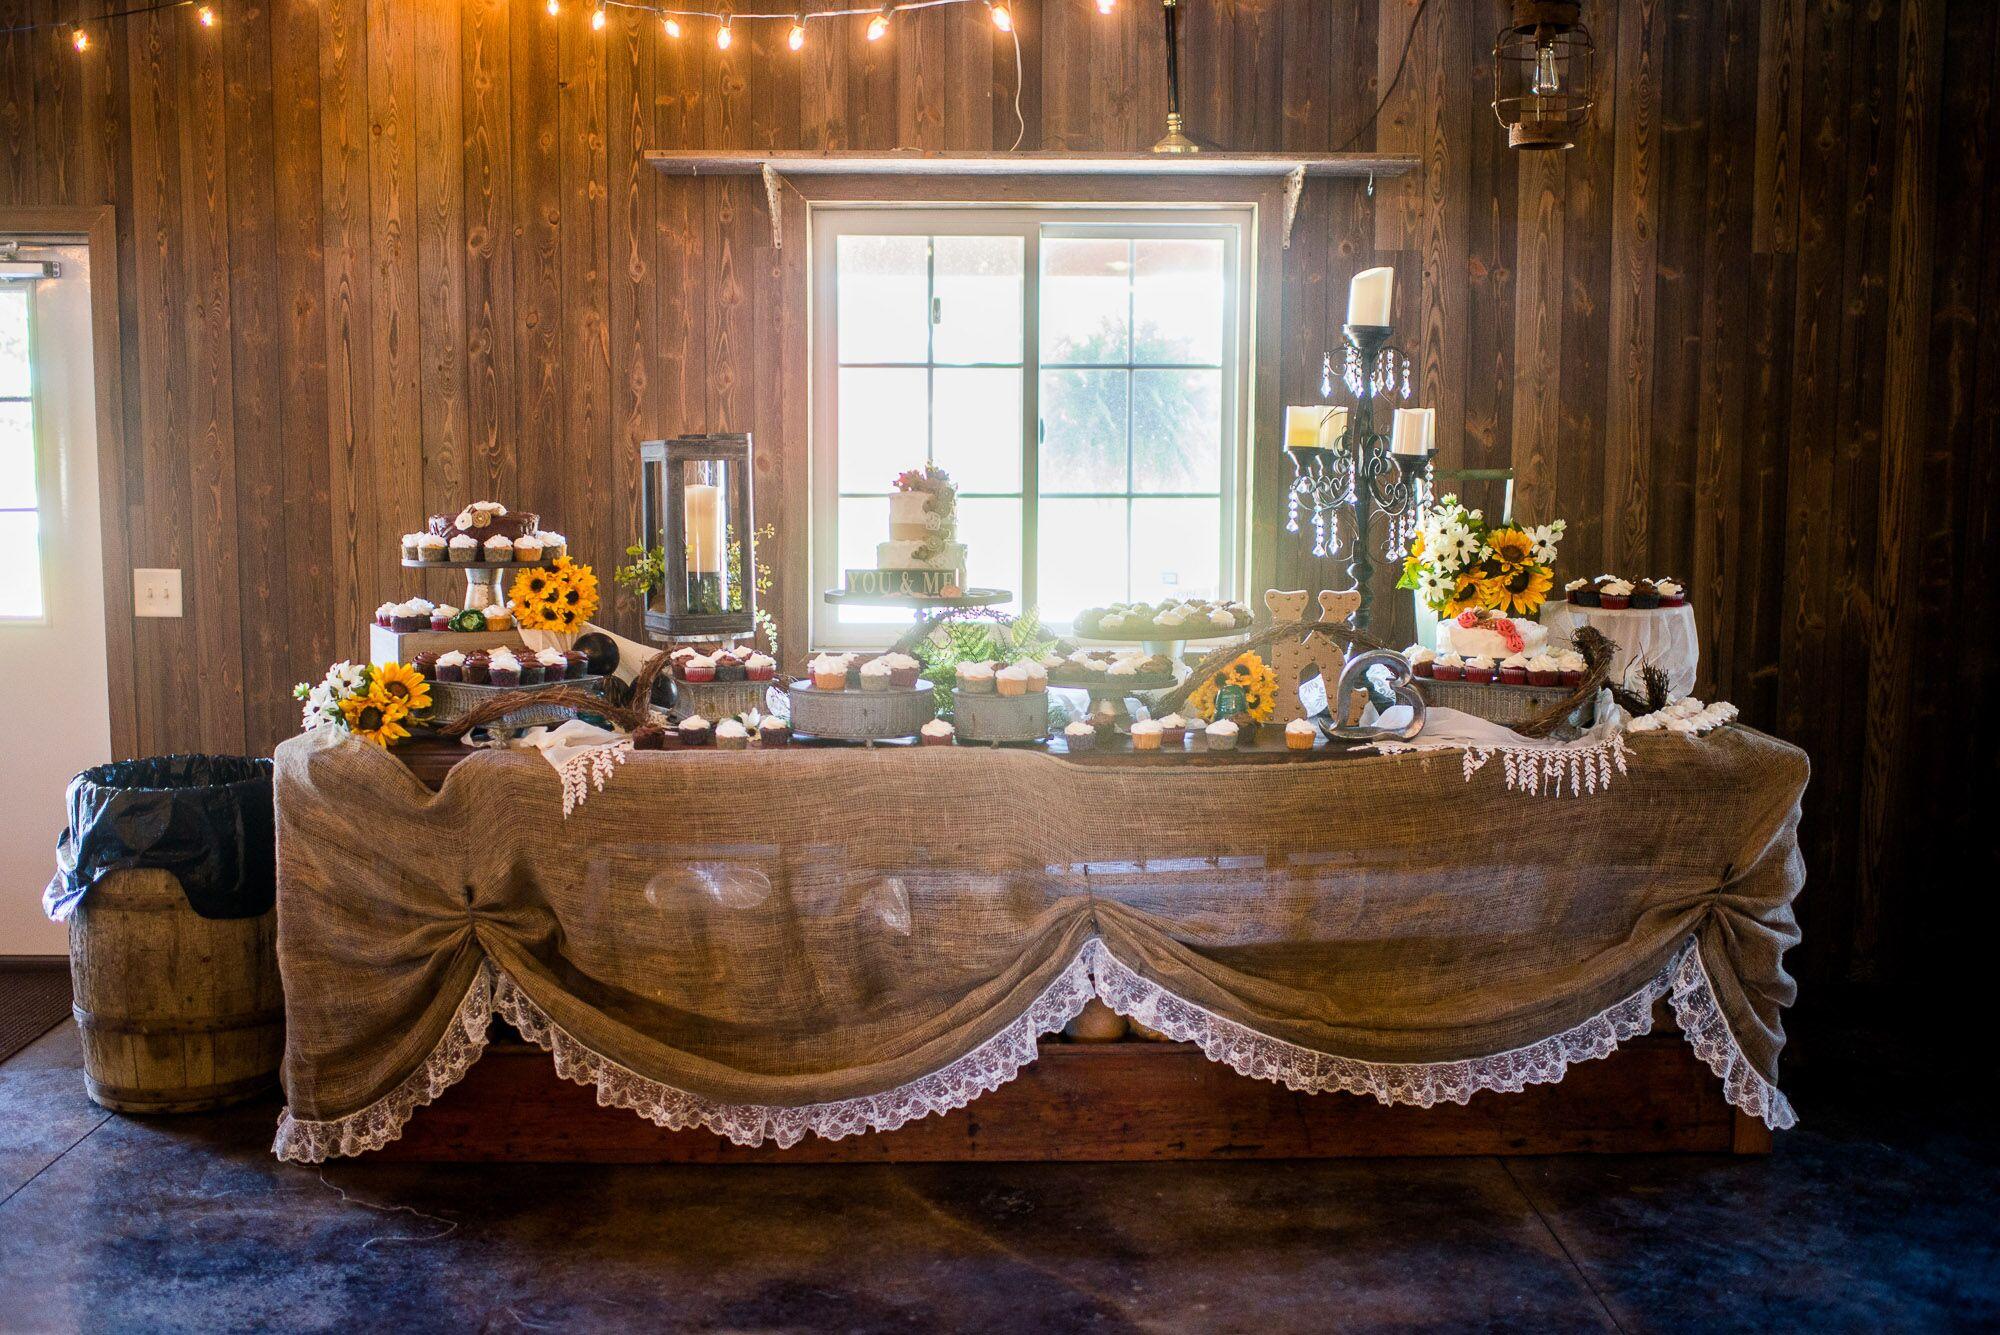 Rustic Burlap Covered Dessert Table